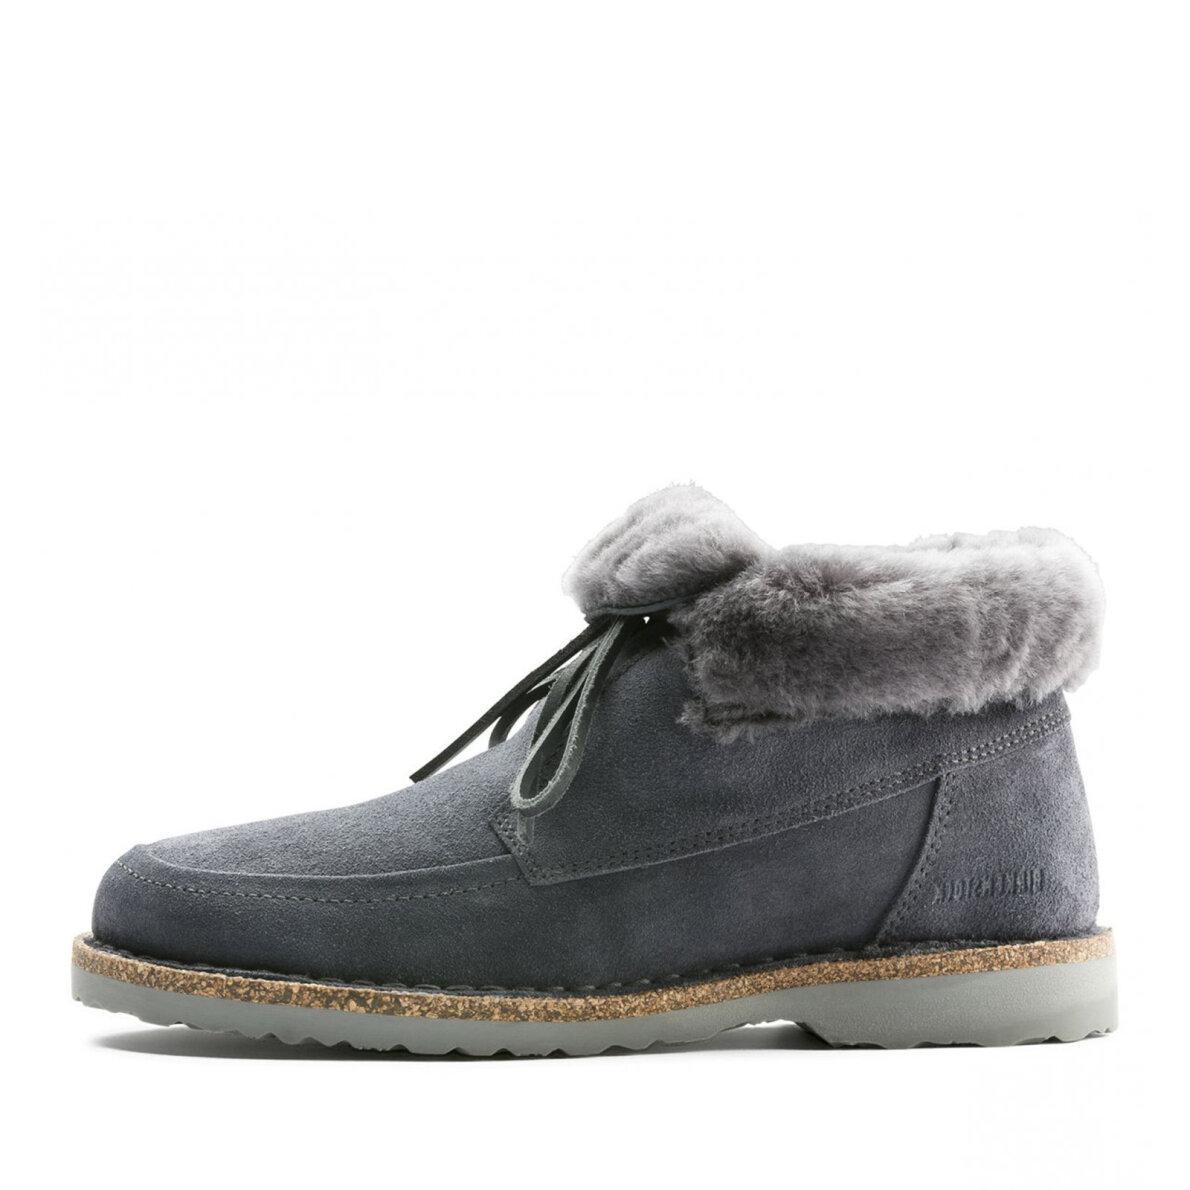 365711895ca Birkenstock - Birkenstock Bakki Grå dame støvle med for ...